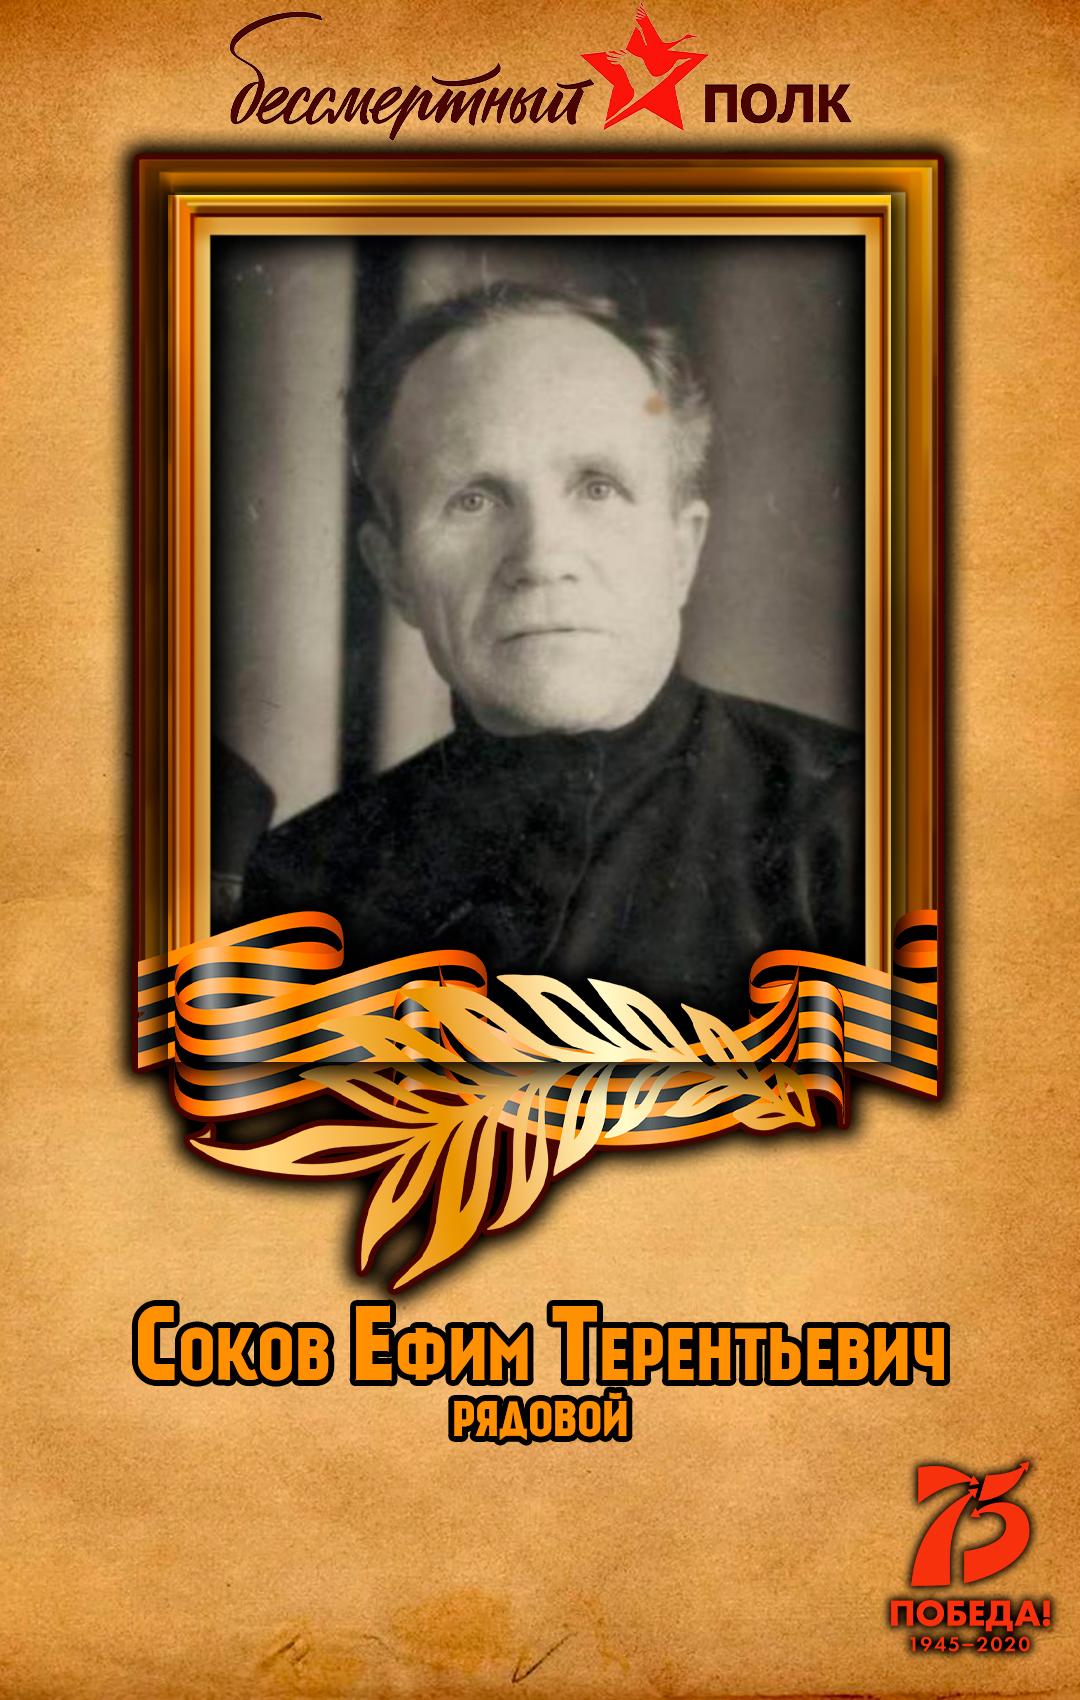 Соков-Ефим-Терентьевич